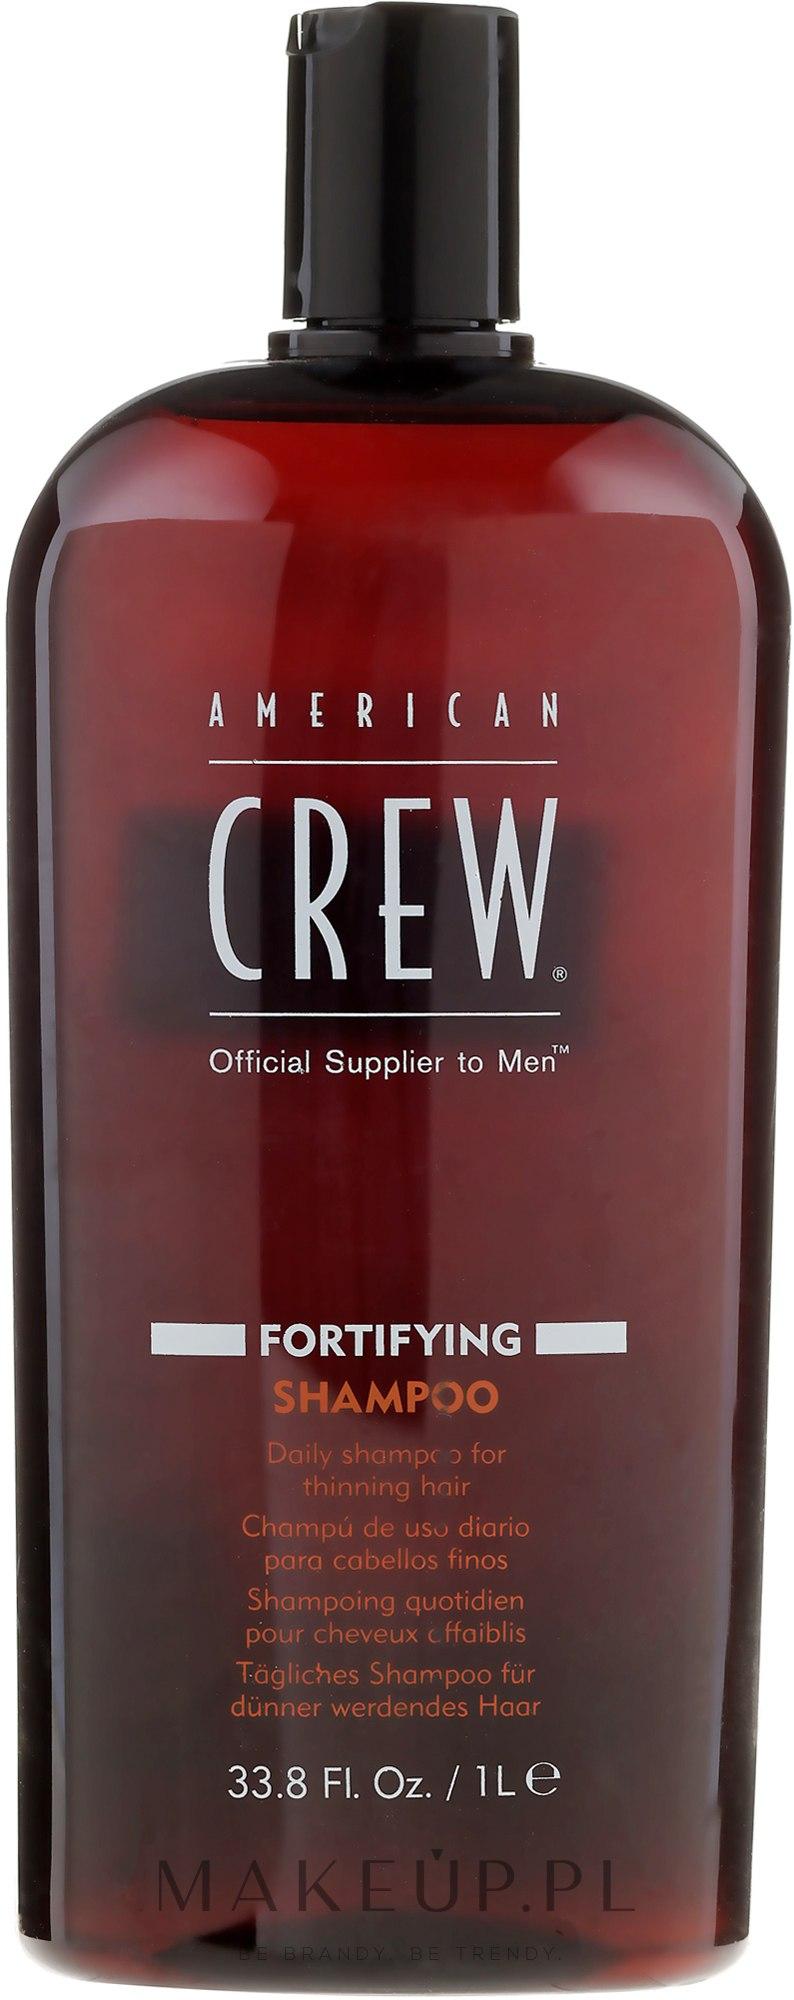 Wzmacniający szampon do włosów - American Crew Fortifying Shampoo — фото 1000 ml